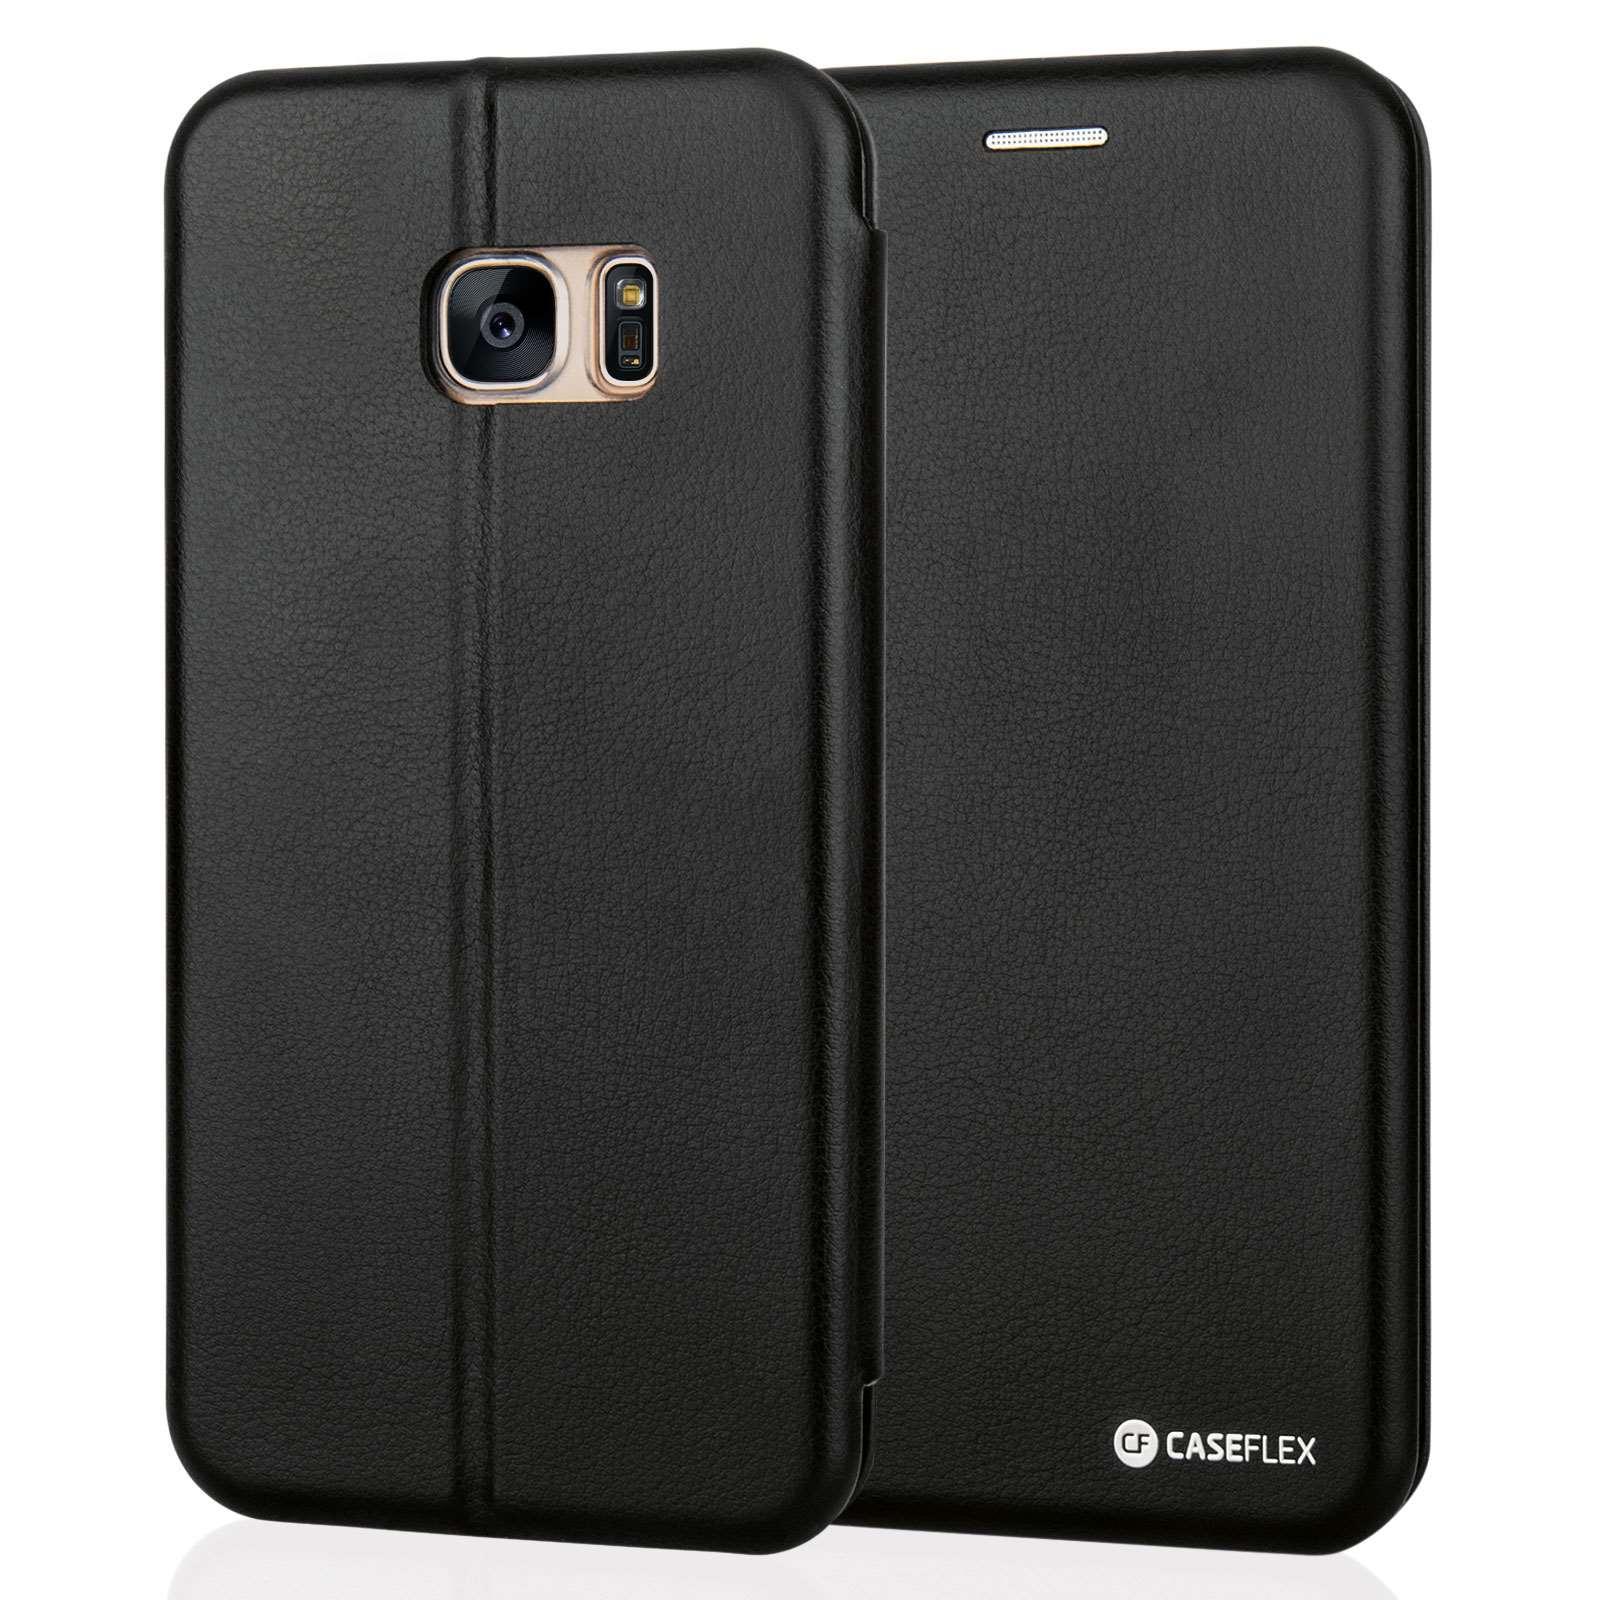 Caseflex Θήκη - Πορτοφόλι Samsung Galaxy S7 Edge - Black (SA-EA06-Z570)